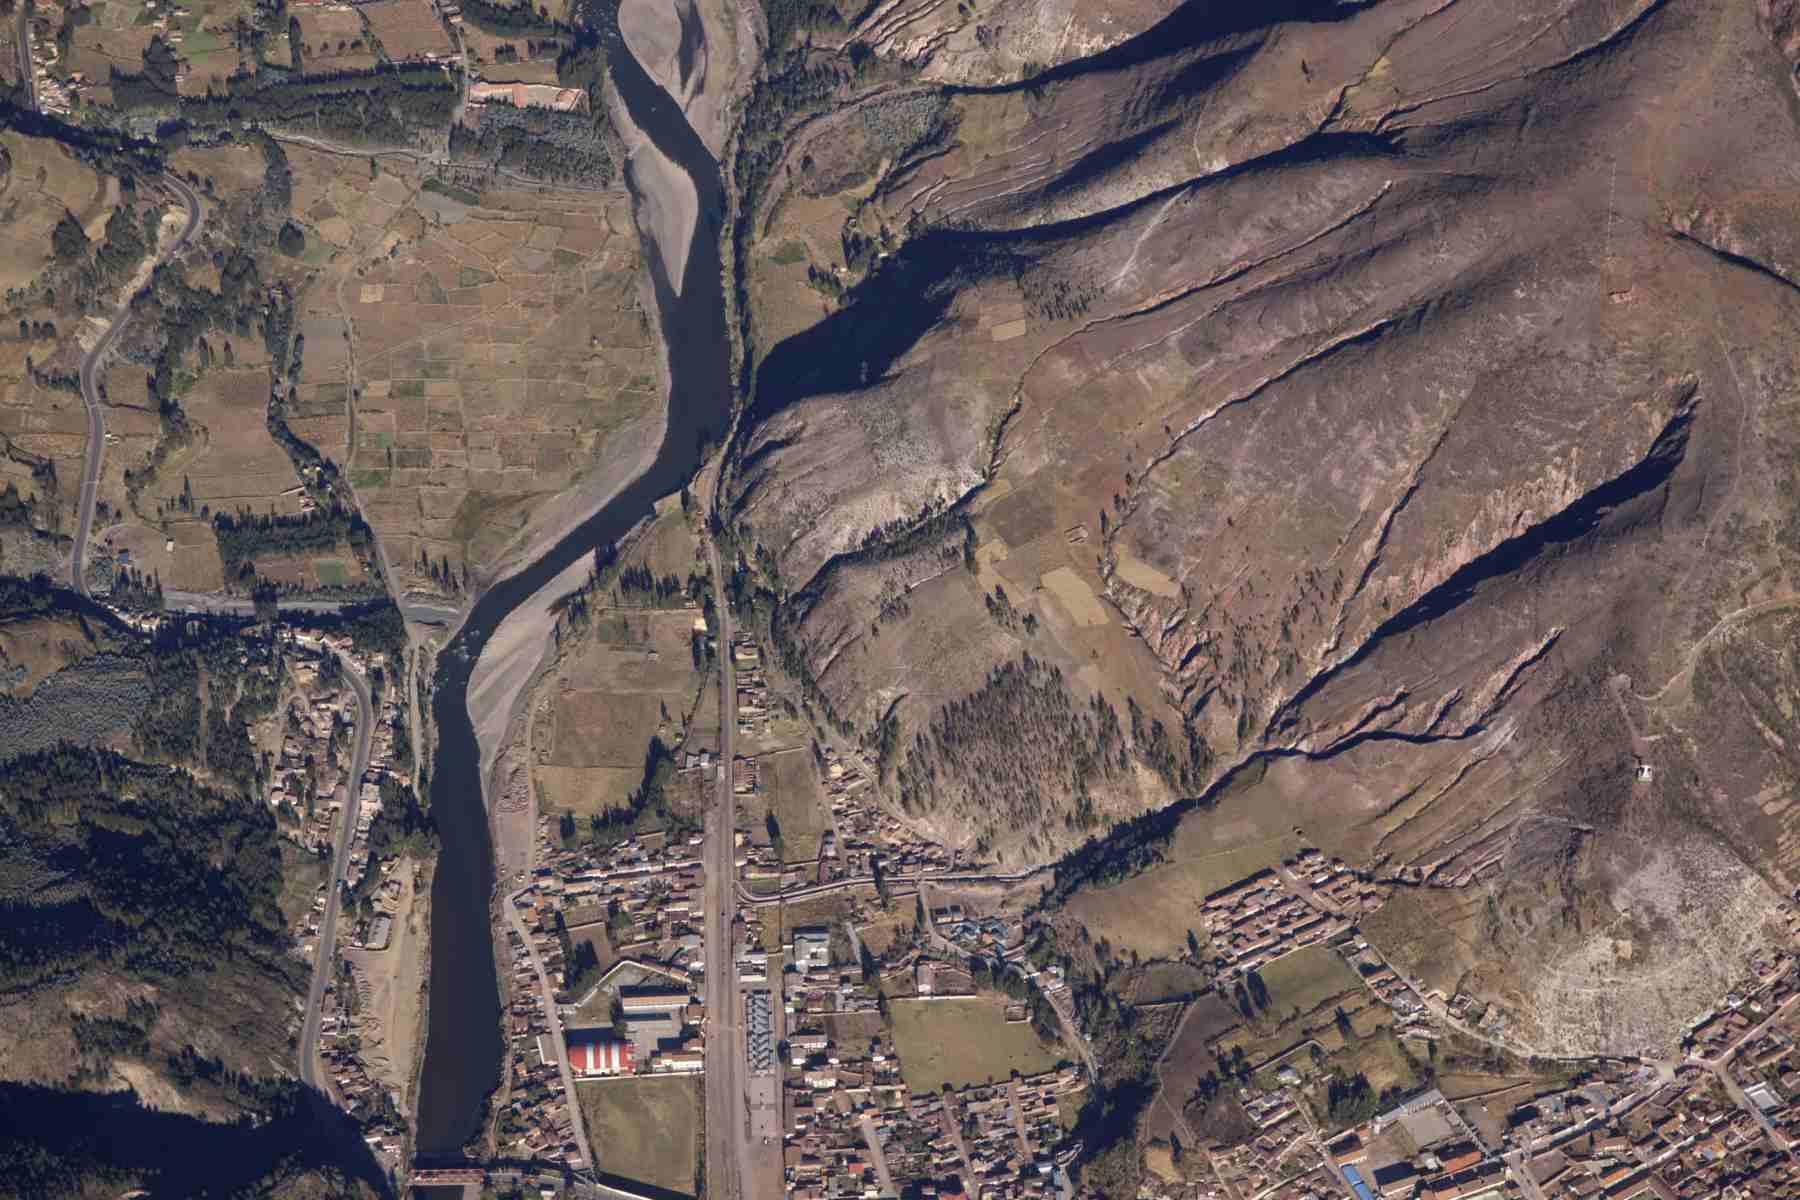 Aerial image of Urcos, Cusco